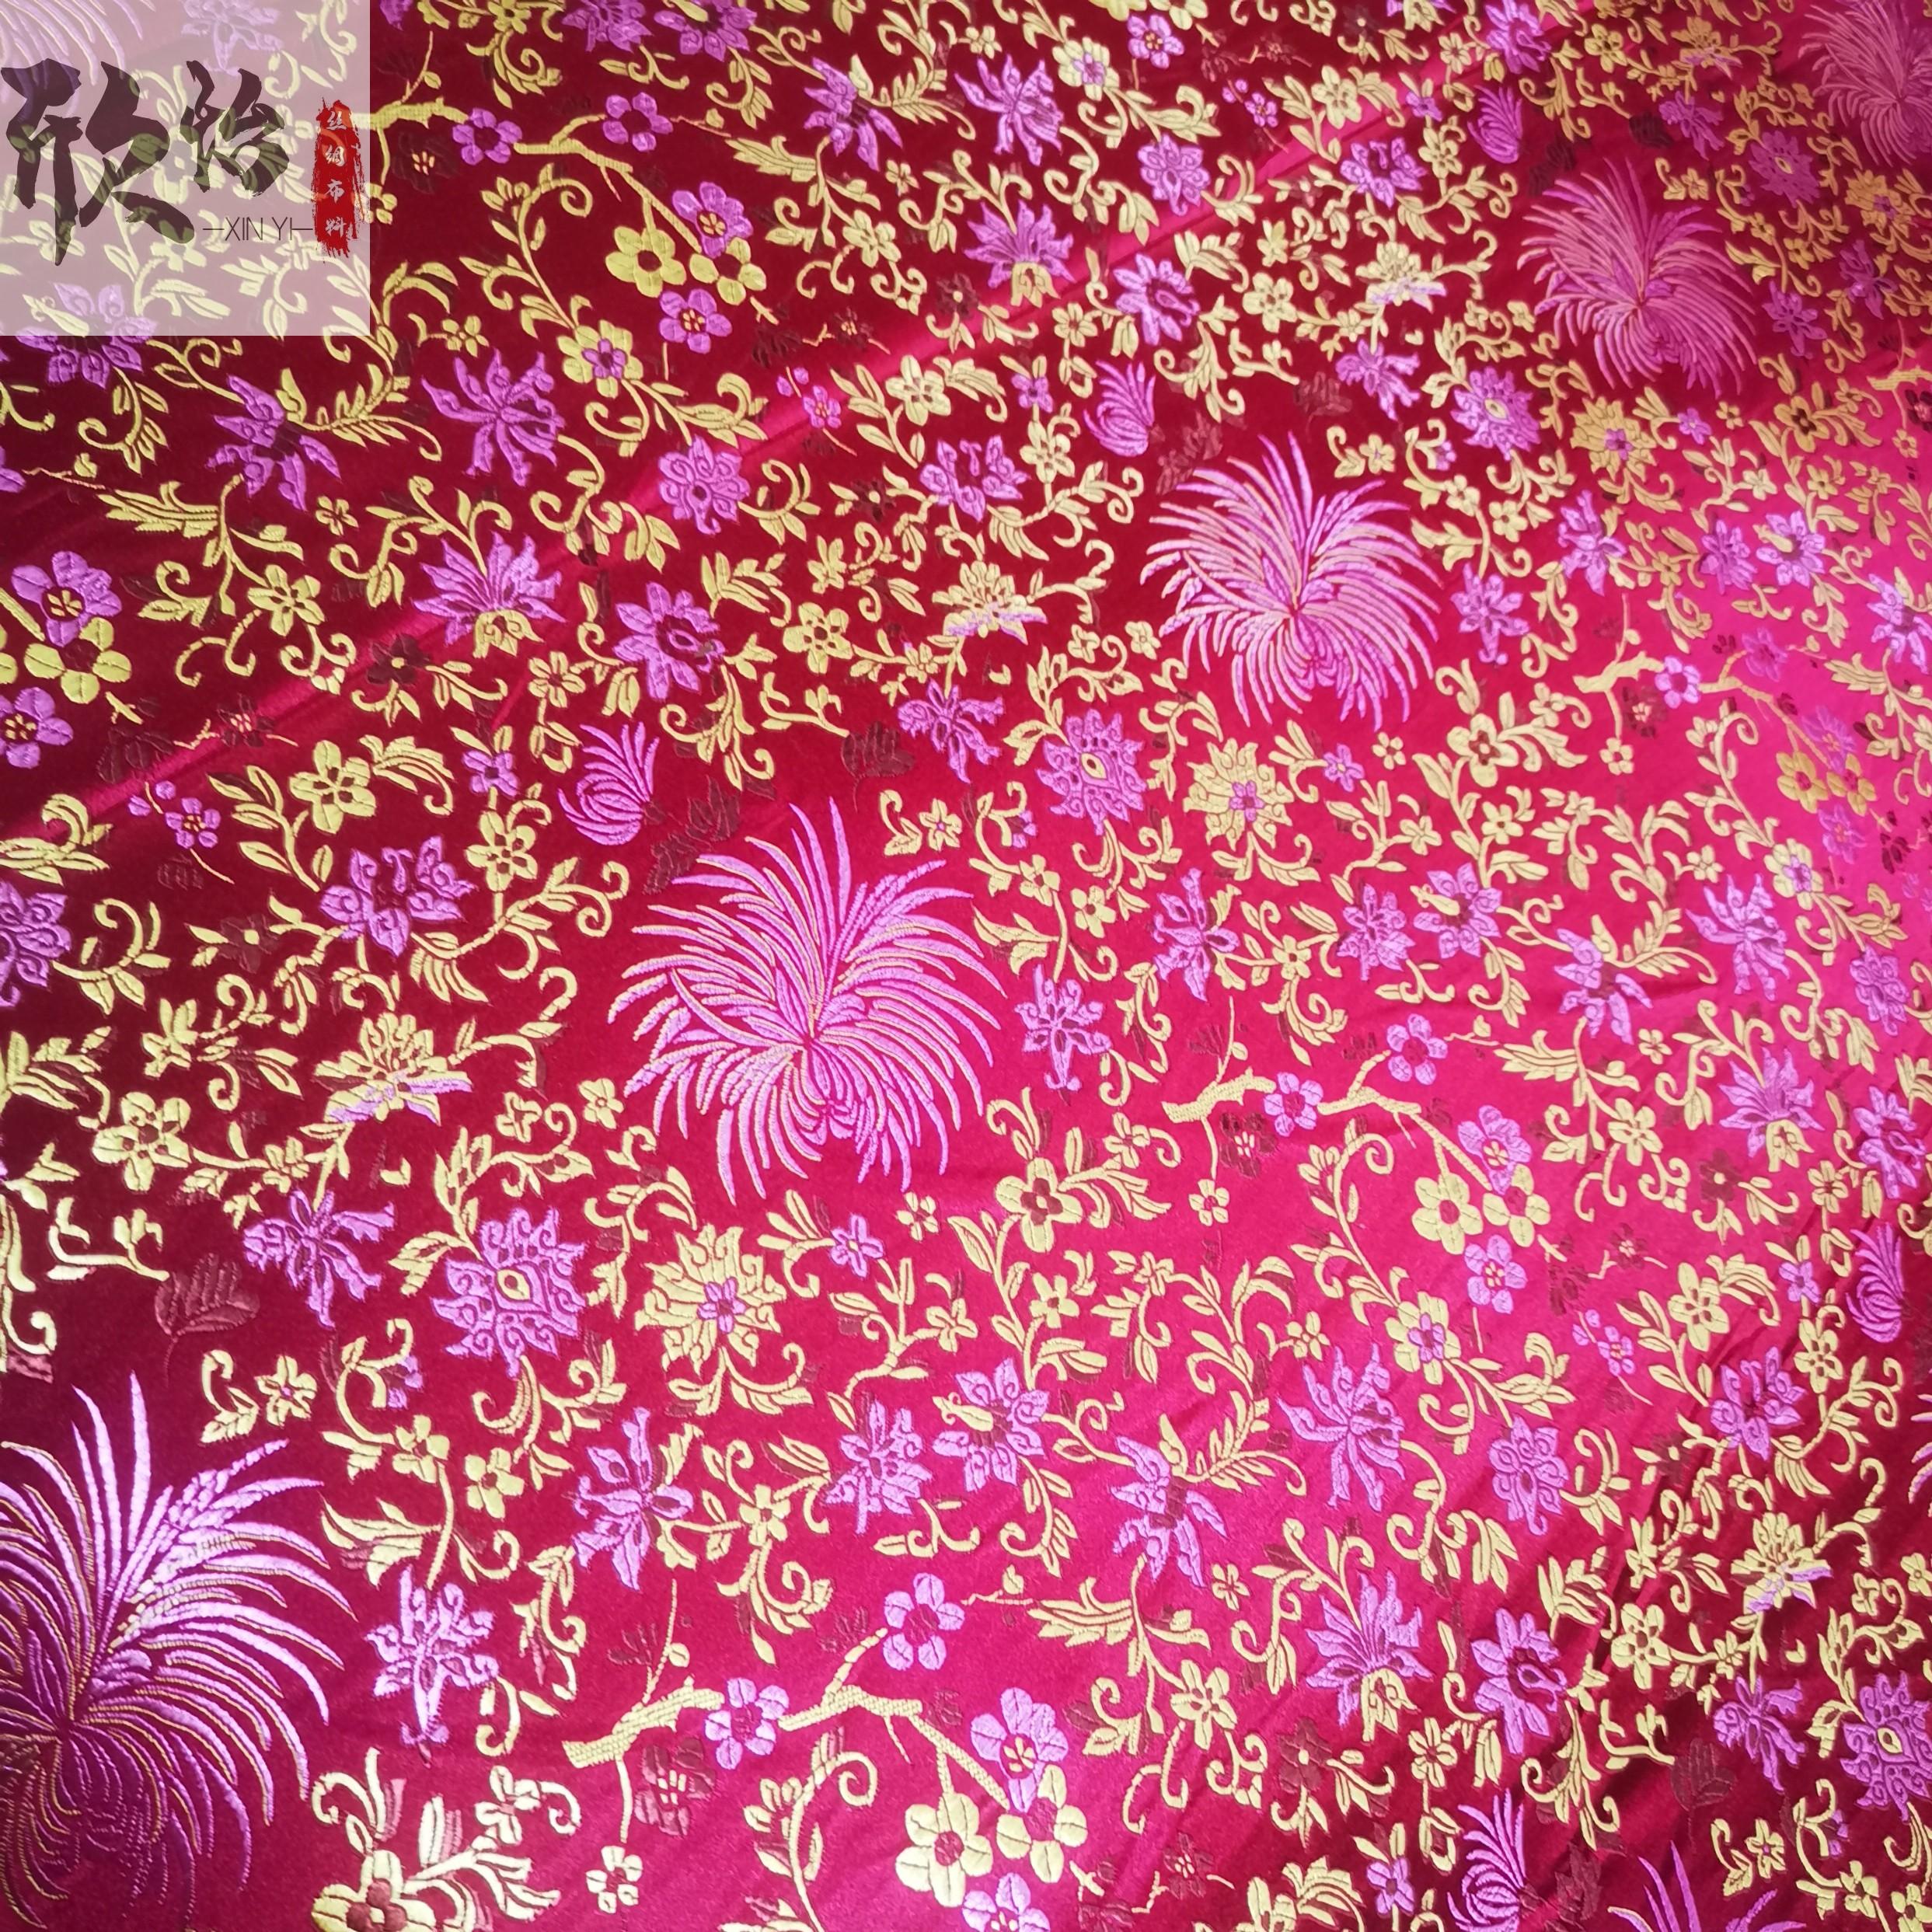 织锦尼龙缎菊花图案旗袍马甲棉袄儿童被褥民族服饰制作丝绸布料